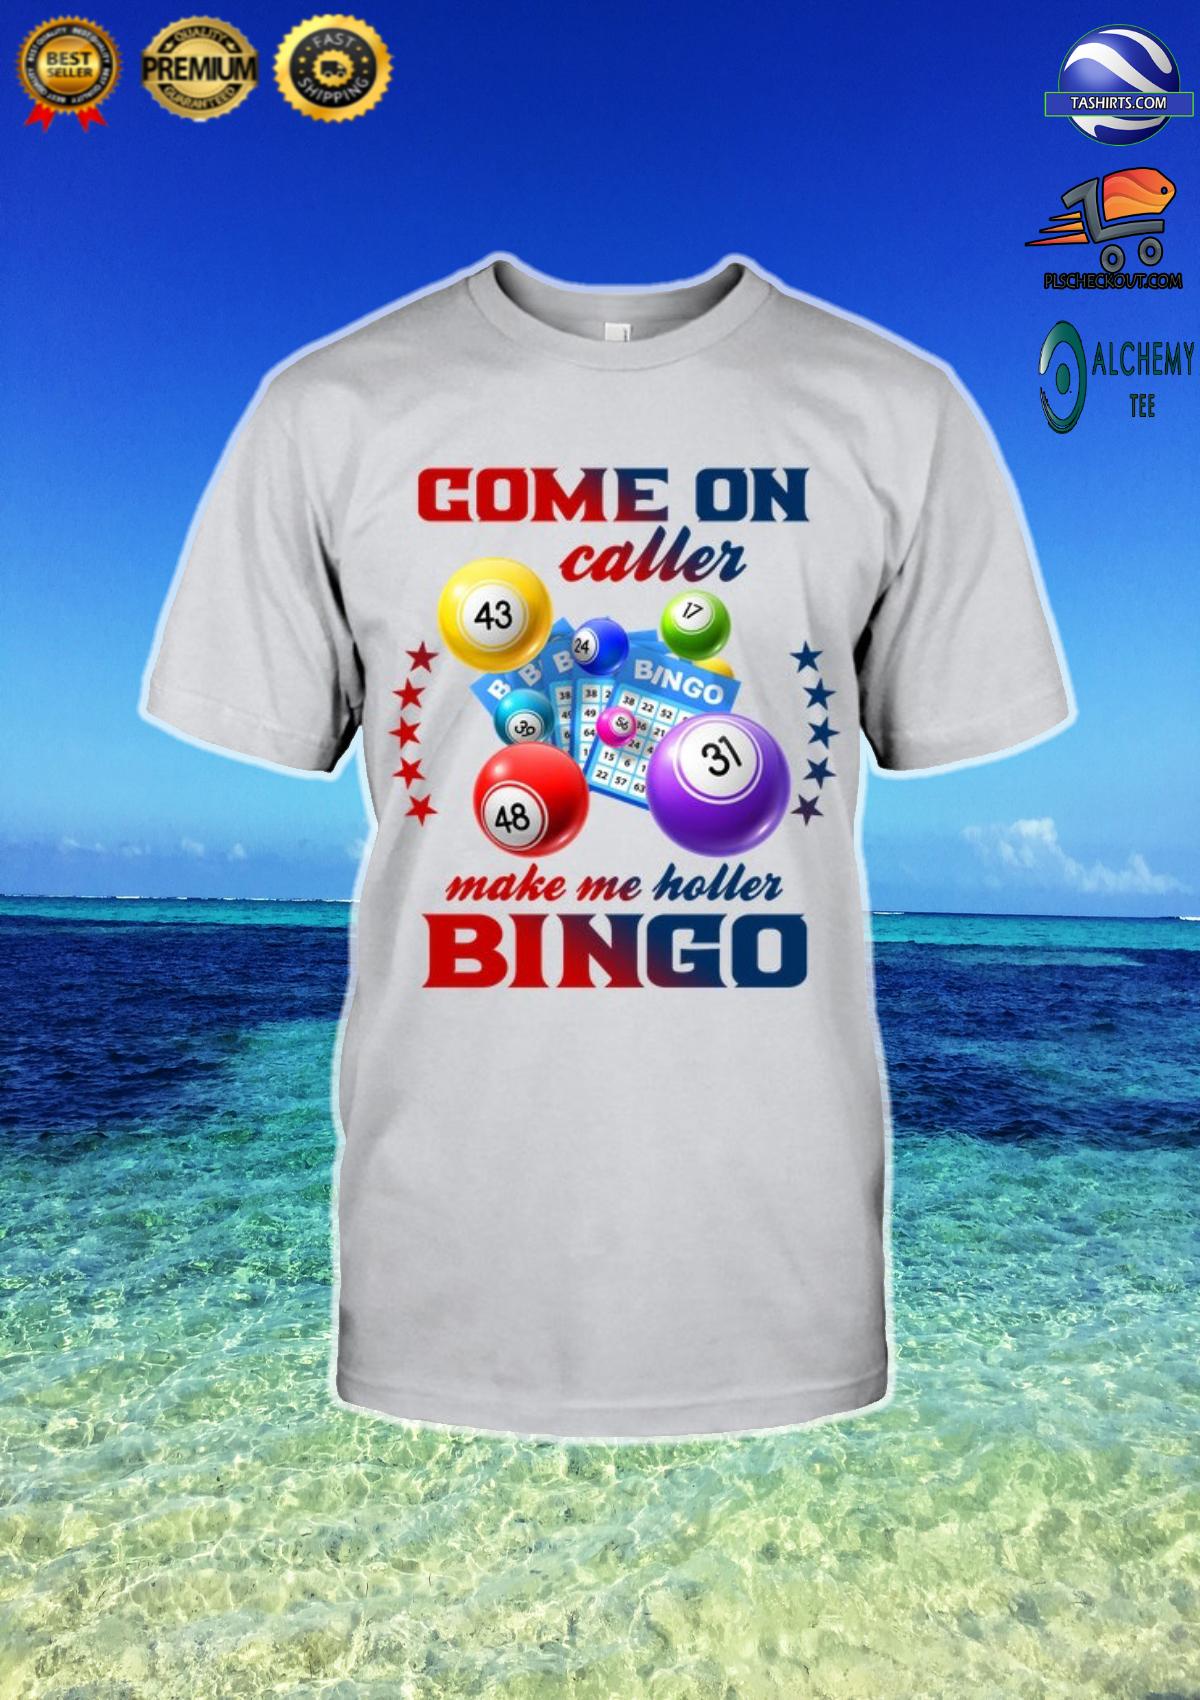 Come on caller make me holler bingo shirt